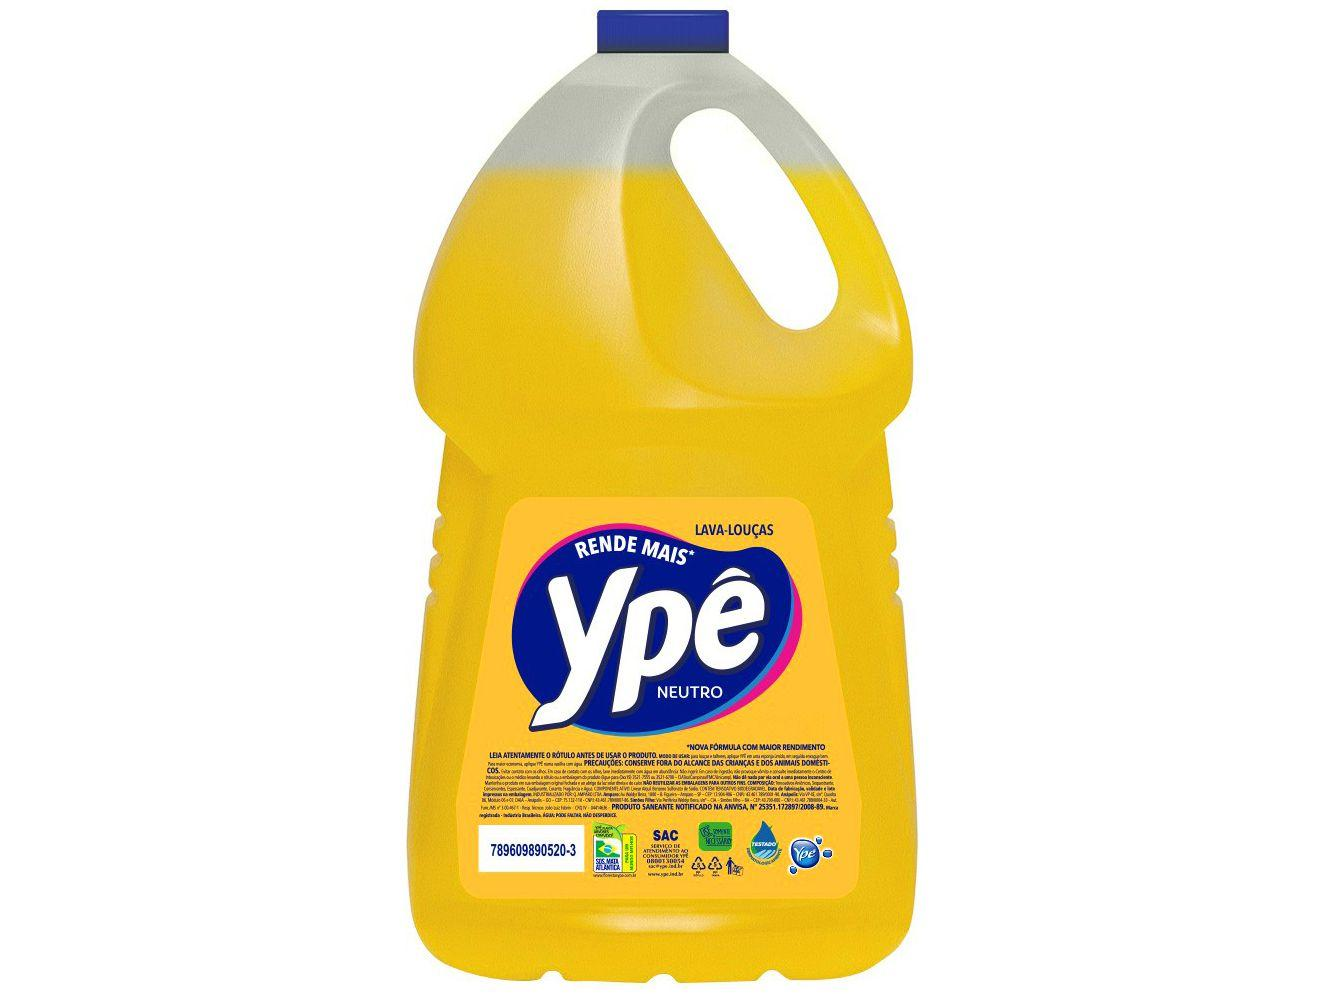 Detergente Líquido Lava-Louças Ypê Neutro Clear - 5L